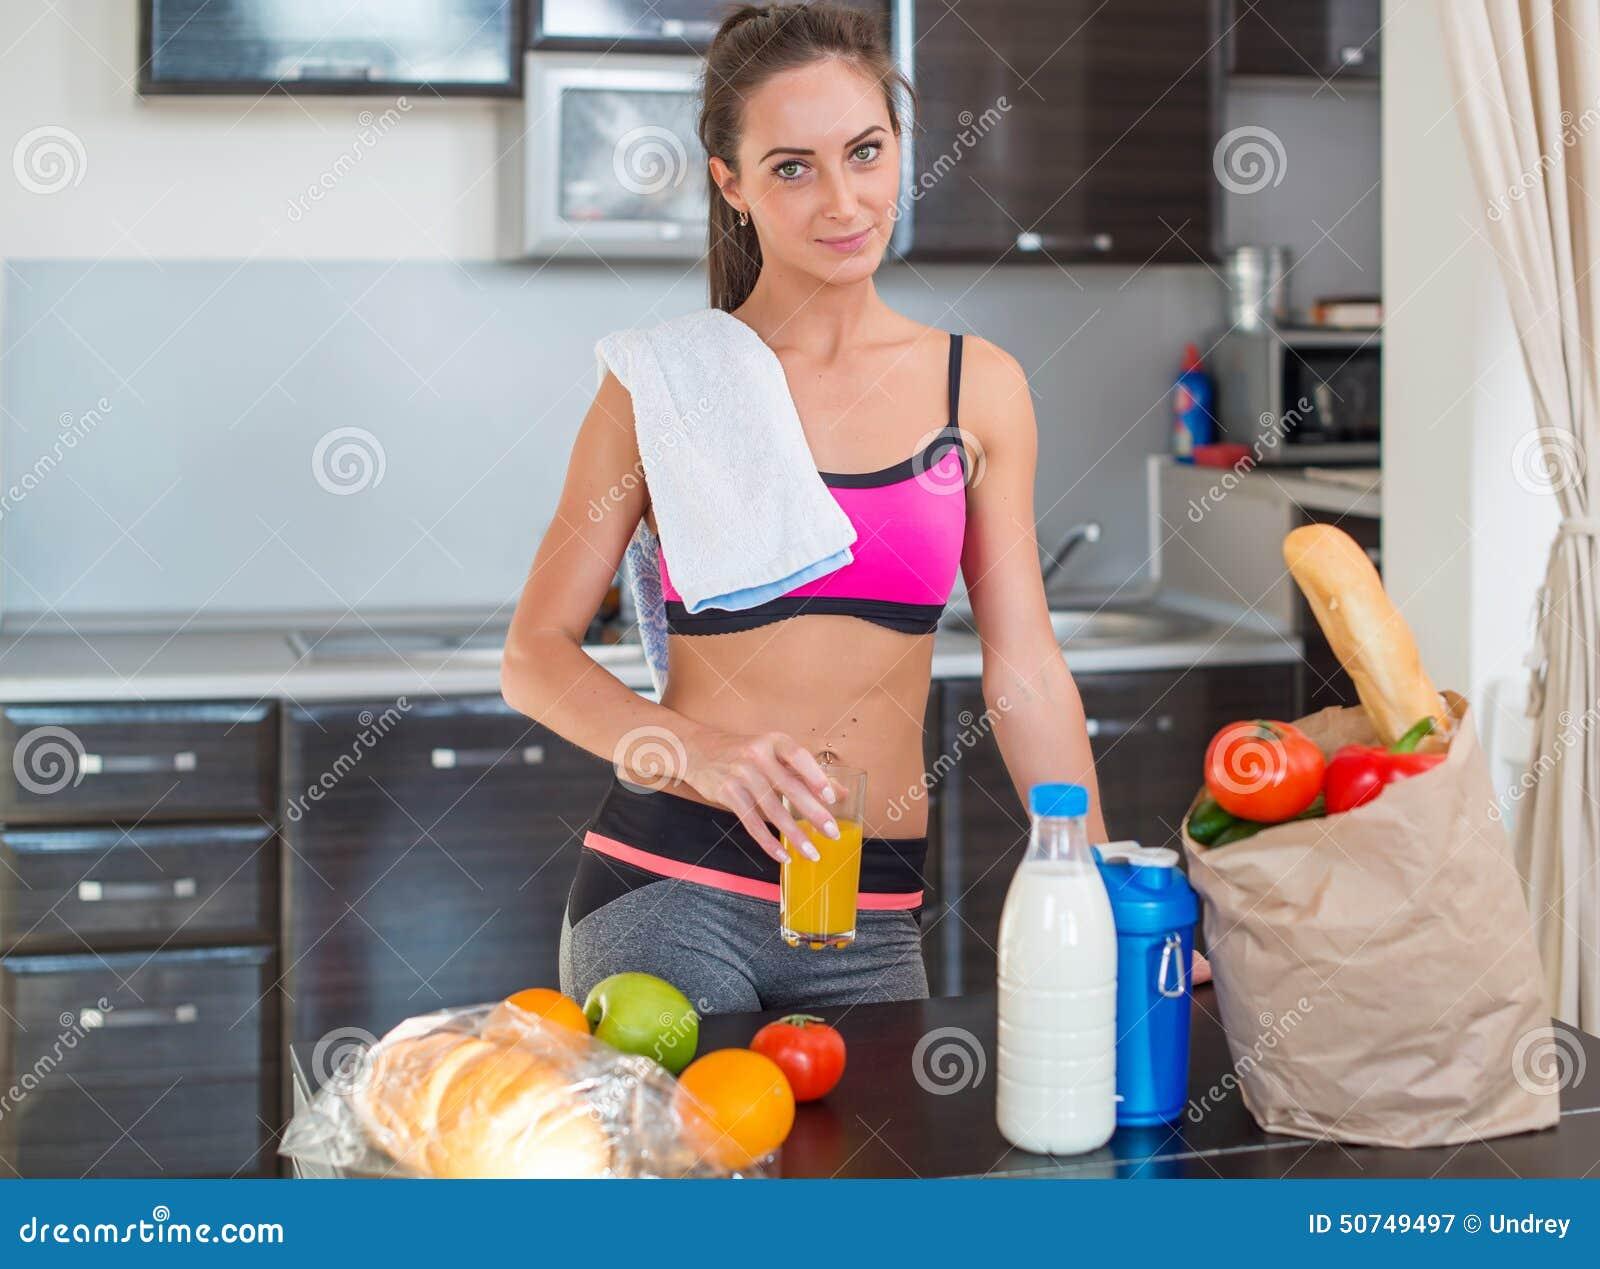 Питание и меню при занятиях в тренажёрном зале Comfort